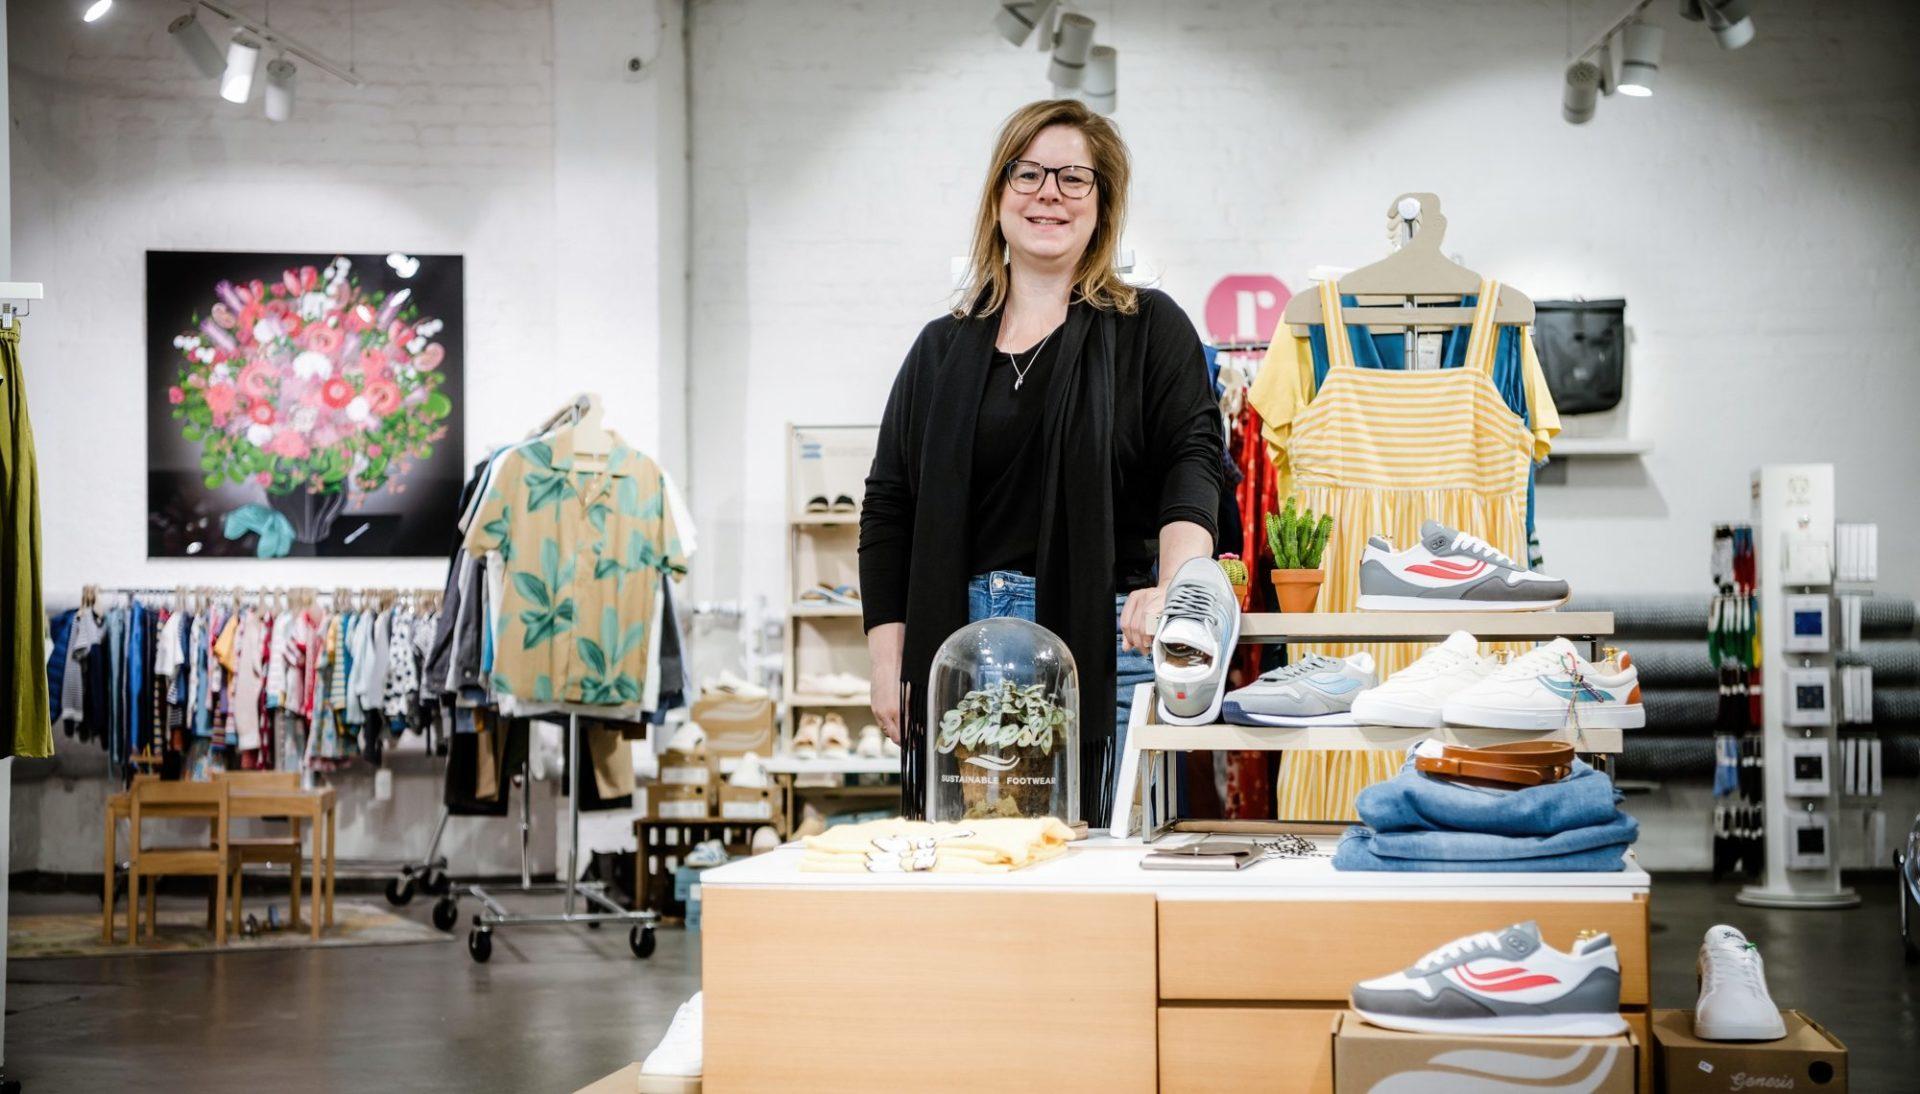 """Daniela Perak gehört mit ihrem Geschäft """"Roberta"""" zu den Düsseldorfer*innen, die nachhaltige Mode anbieten und fördern. Foto: Andreas Endermann"""